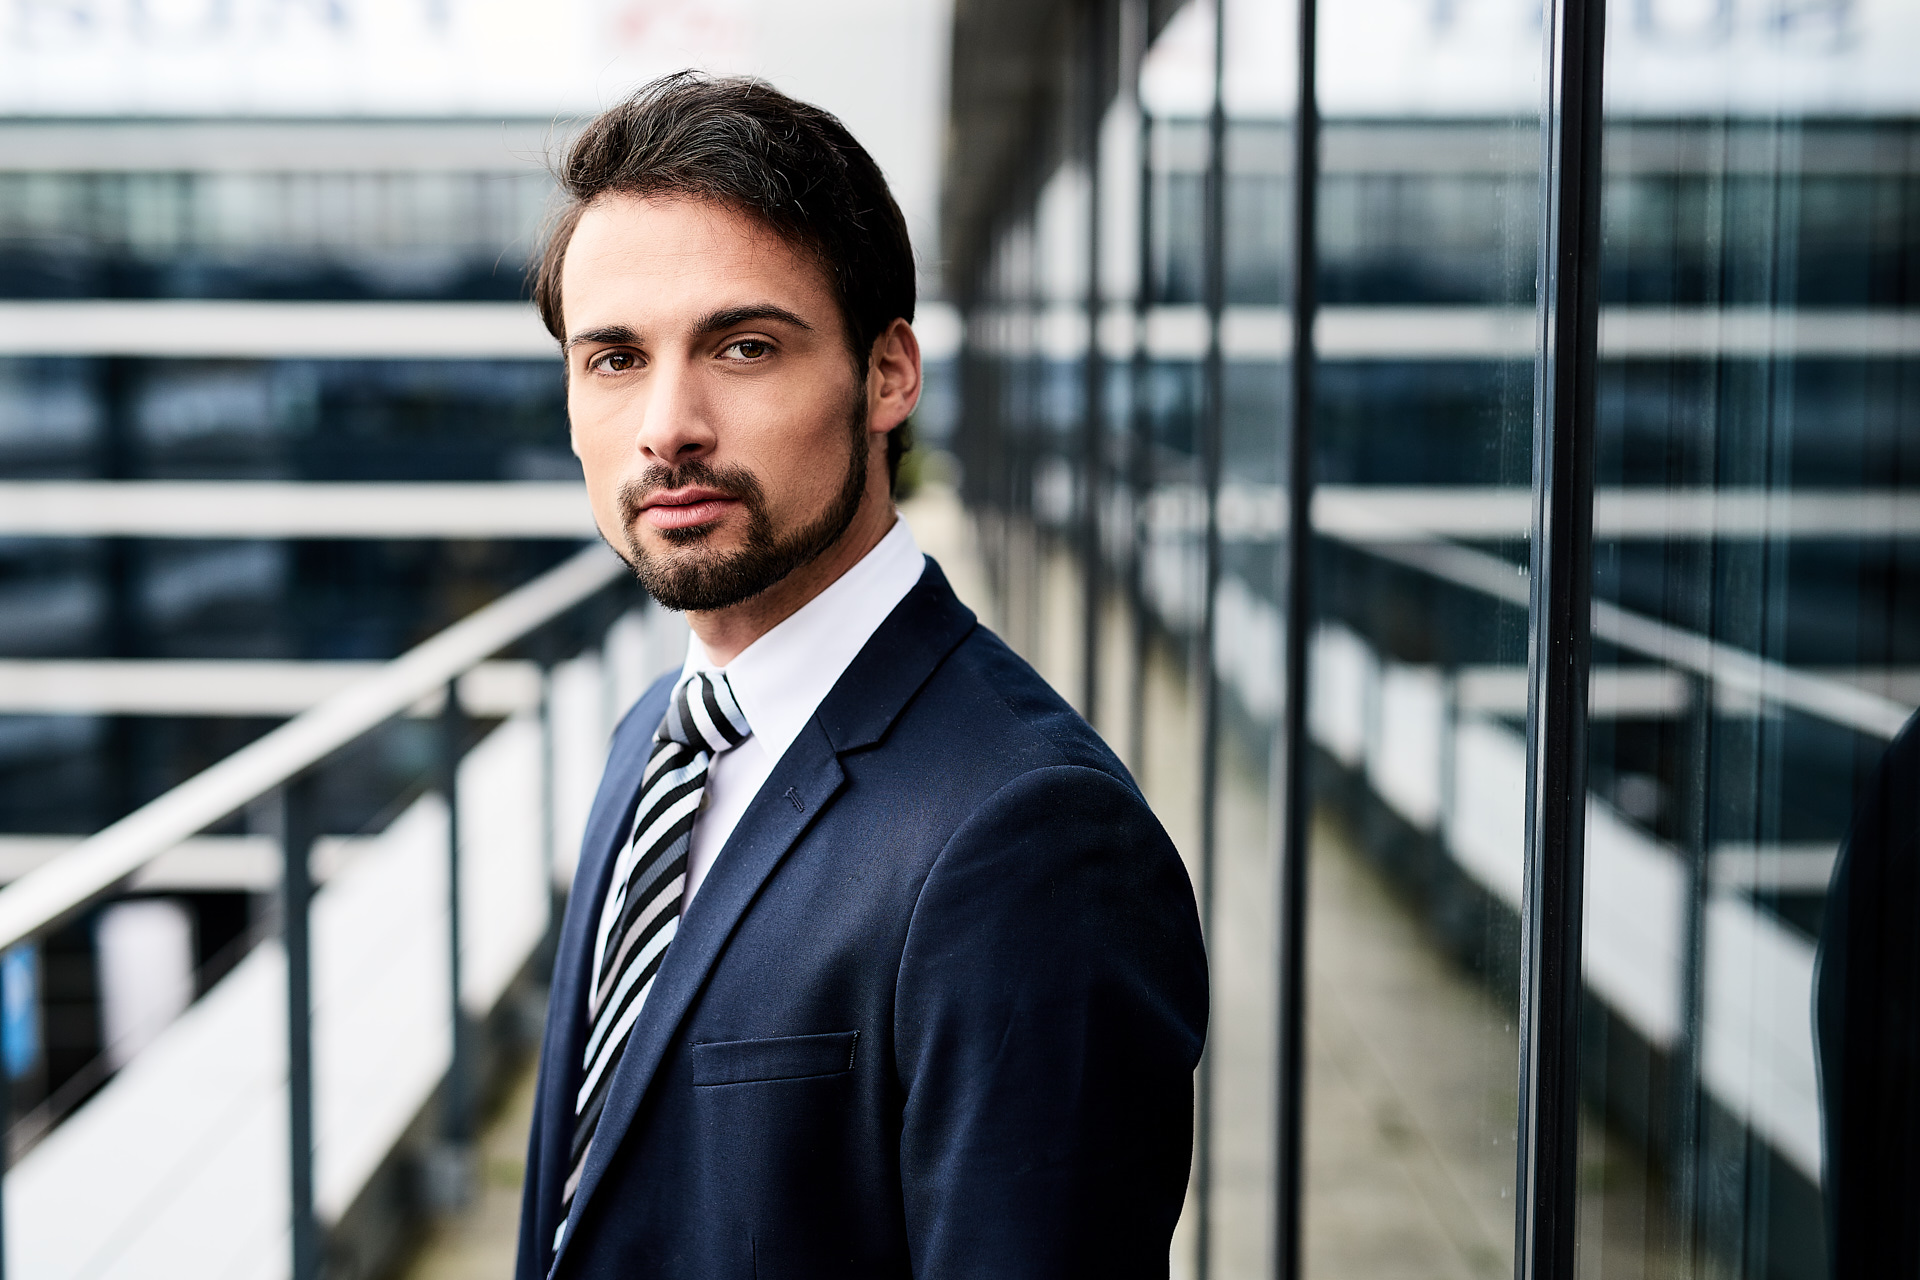 BusinessPortraits-FreiesShooting-MarkusSchnabl_064@jhoferfoto.at_web.jpg